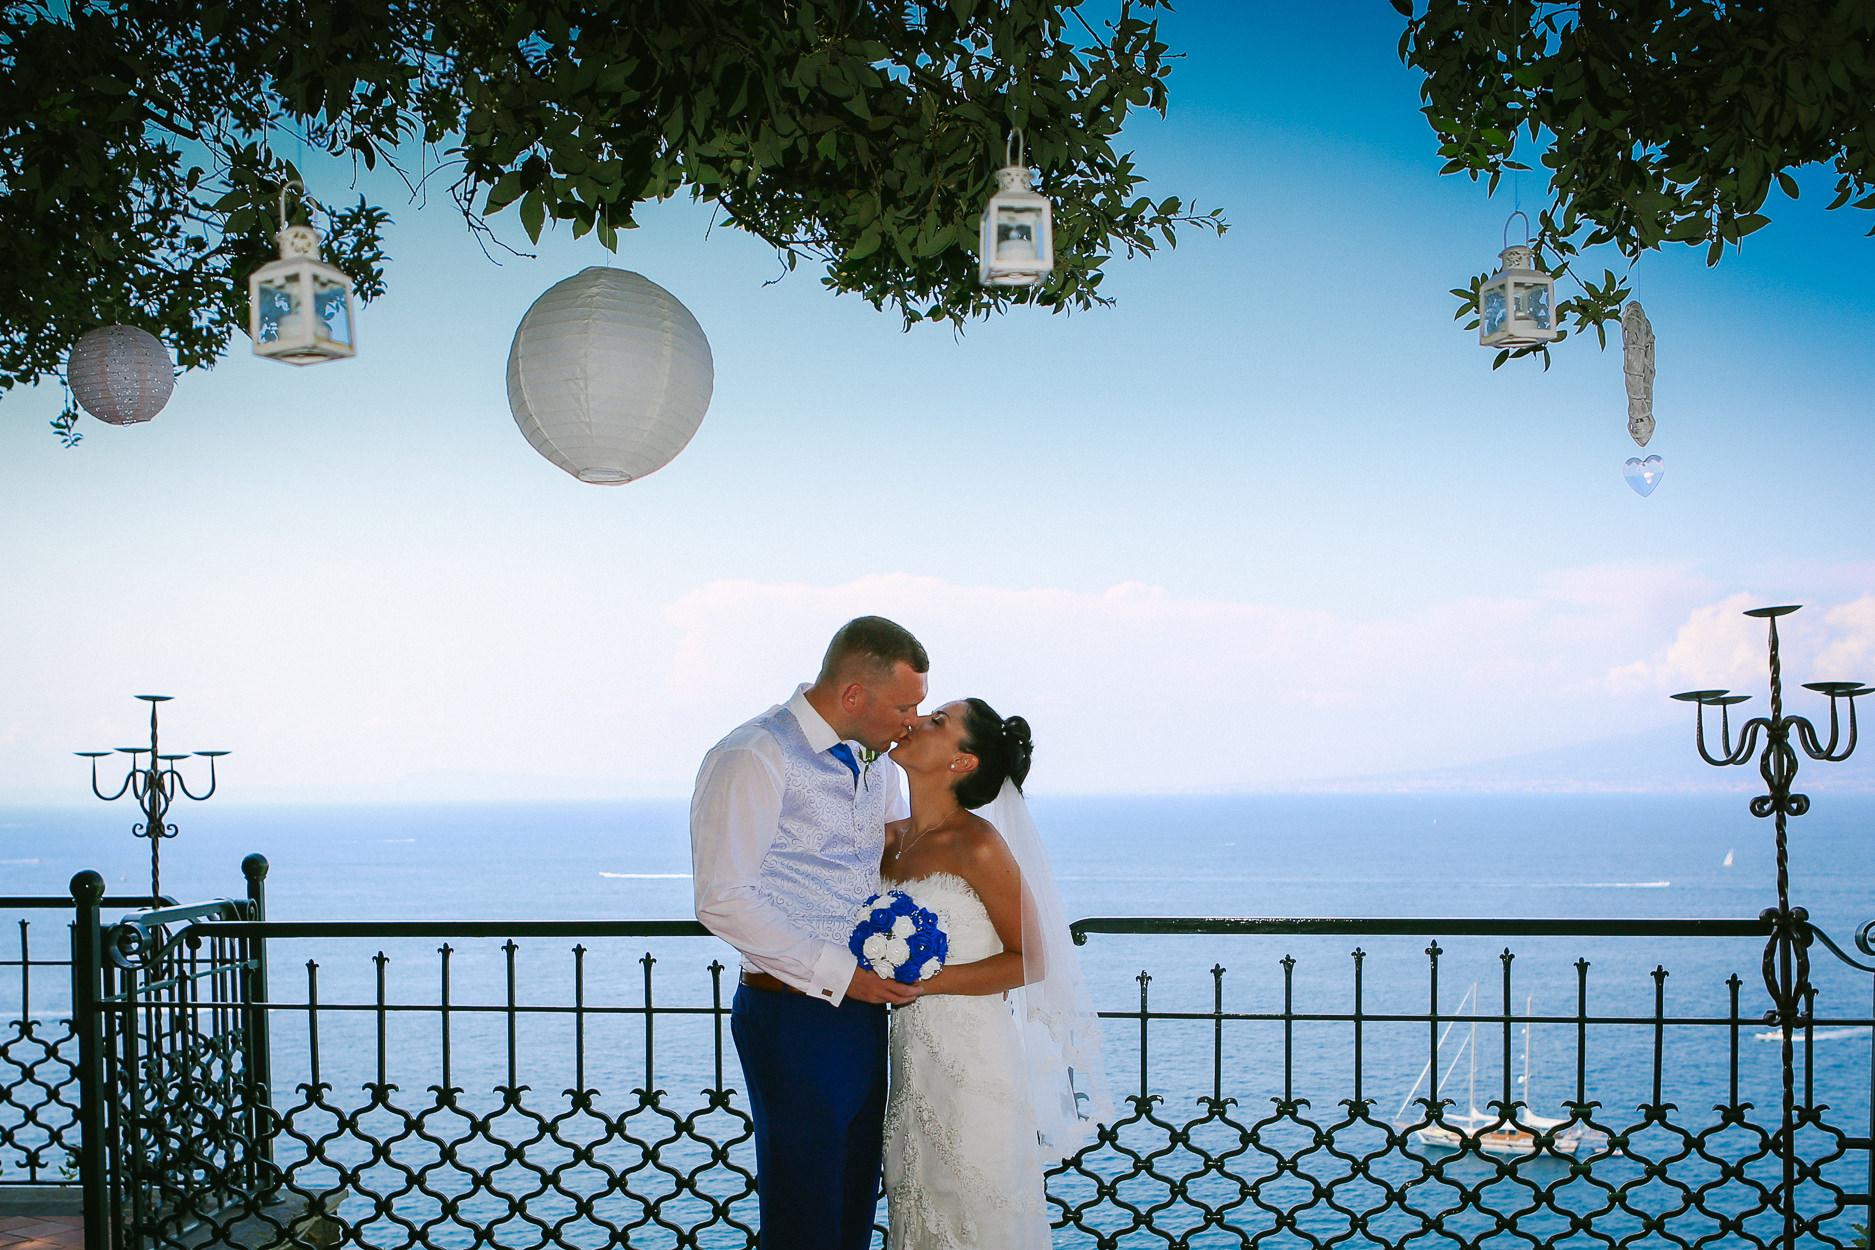 Wedding Photographer- Ceromoney - Villa Antiche Mura - Il tuo matrimonio a Sorrento-28